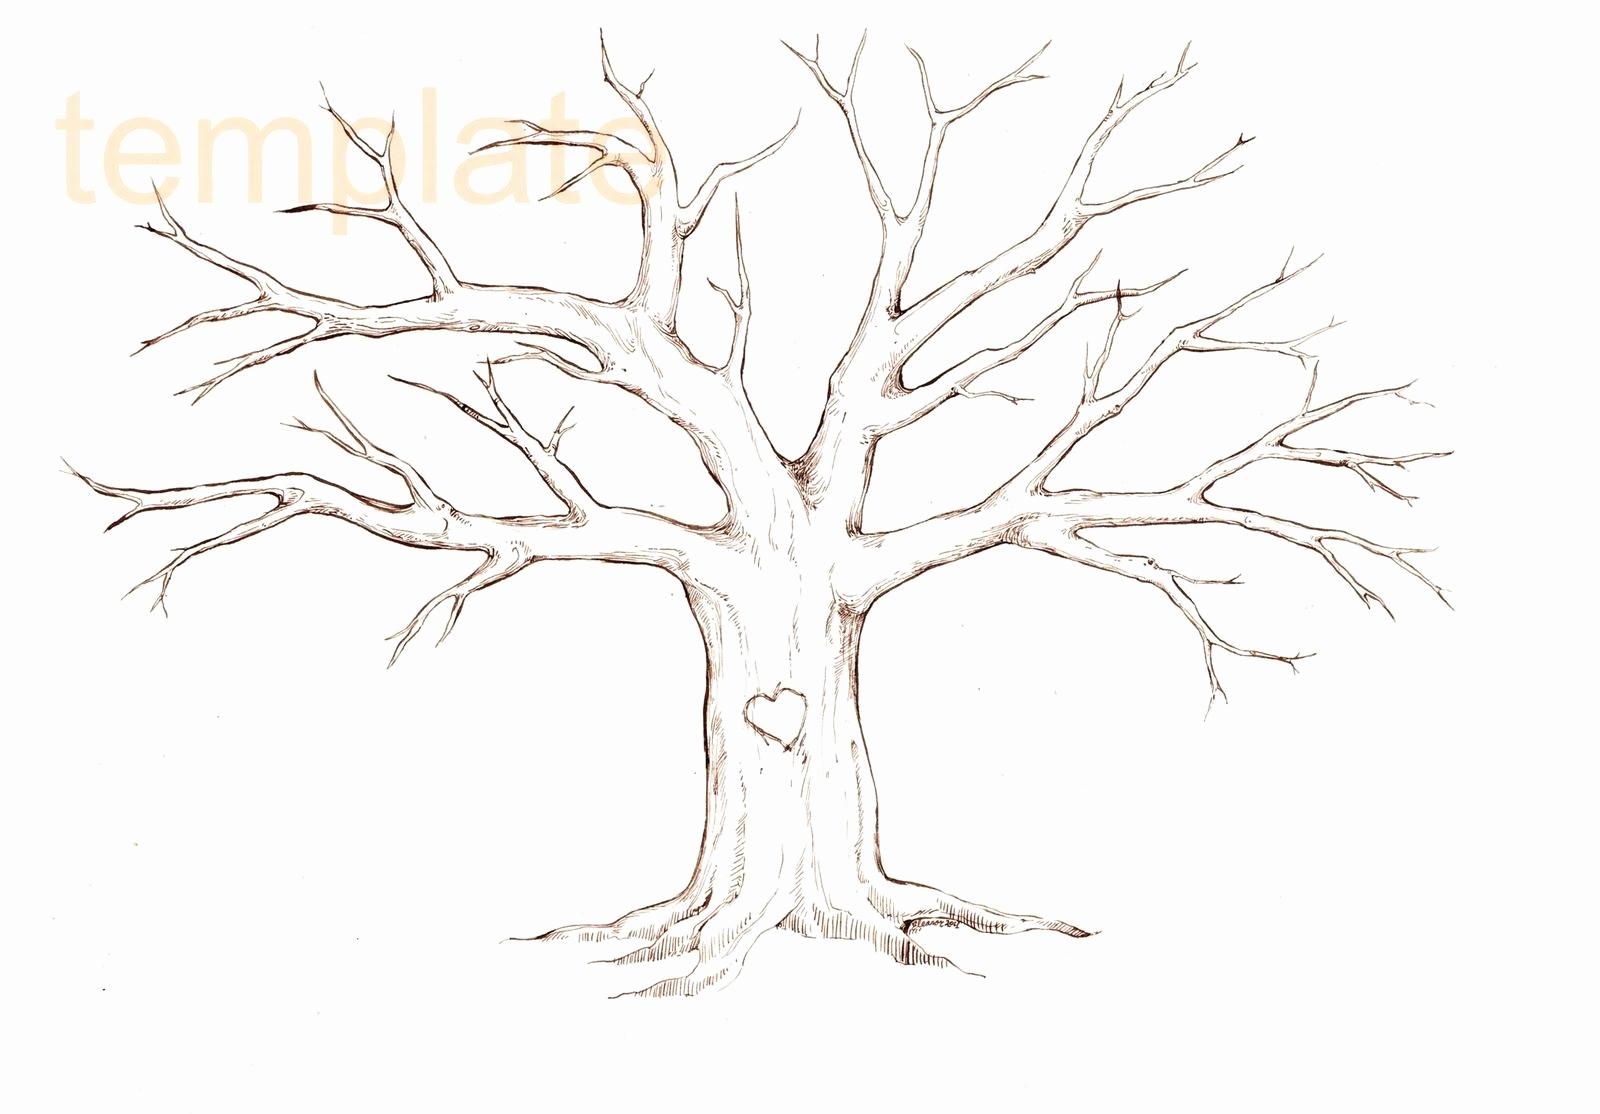 Malvorlage Baum Mit Ästen Genial Baum Malvorlagen Kostenlos in Malvorlage Baum Mit Ästen